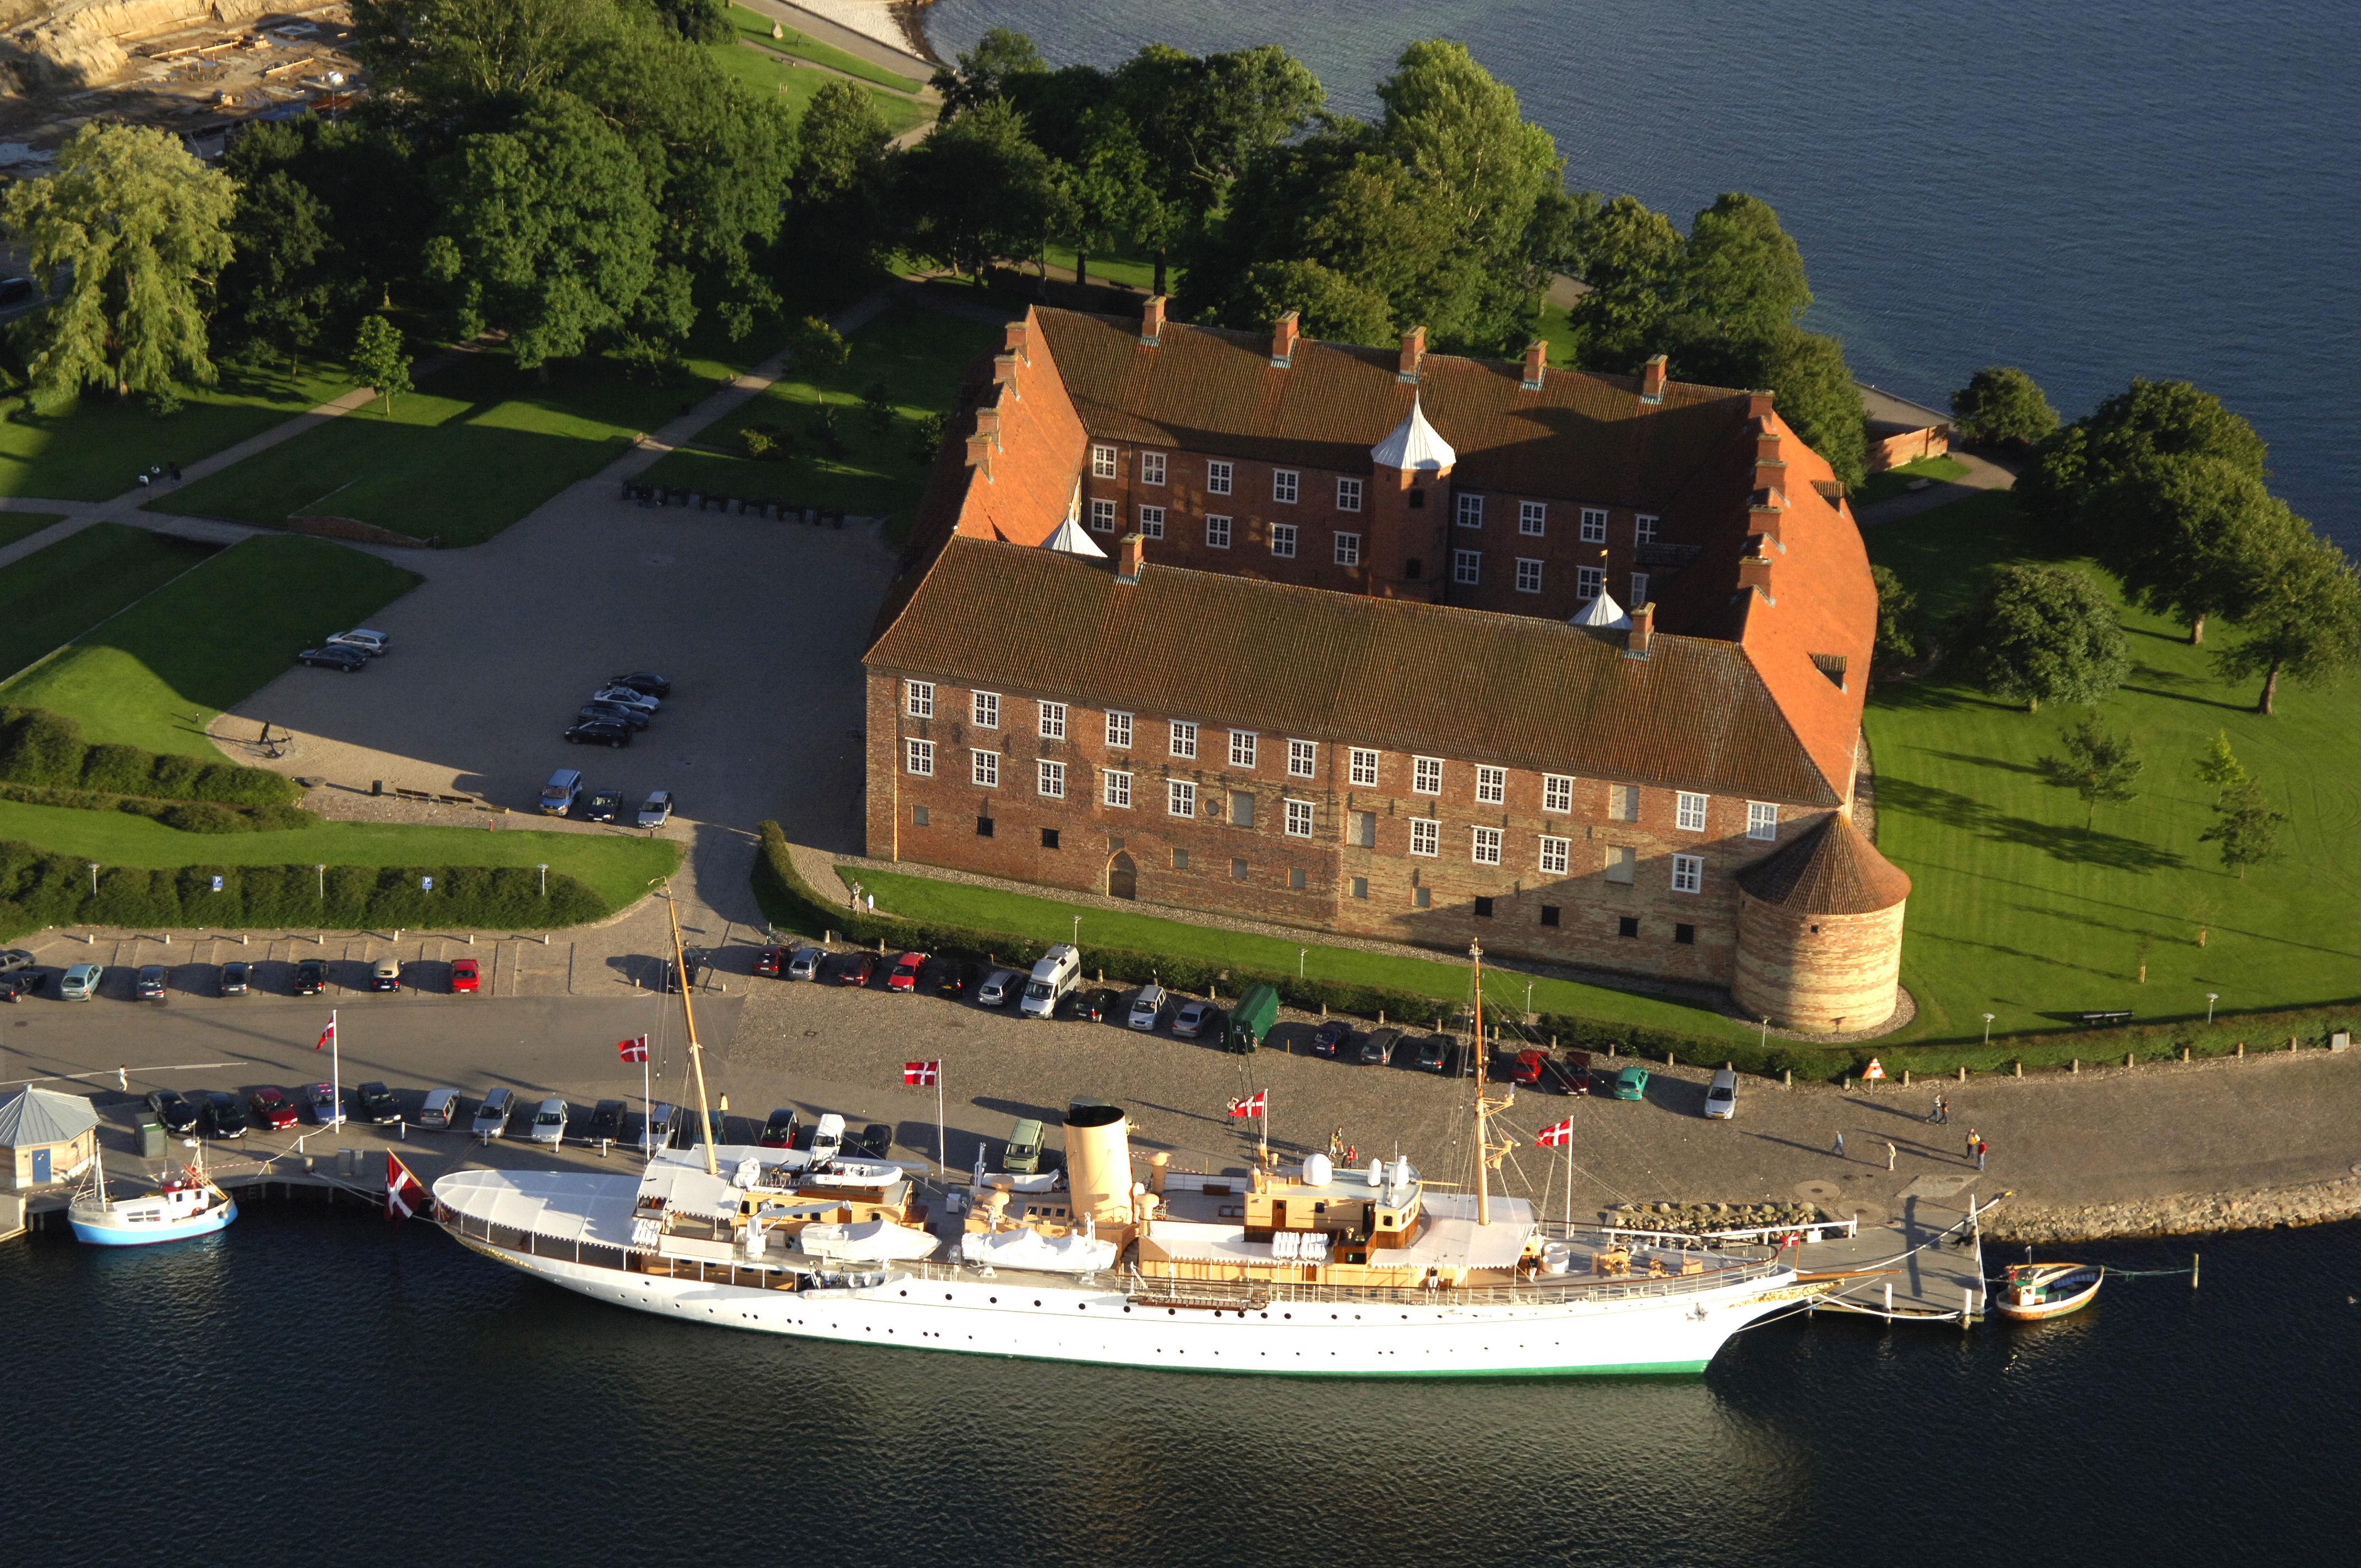 Sonderborg Castle Landmark in Sonderborg, Denmark - landmark Reviews - Phone Number - Marinas.com